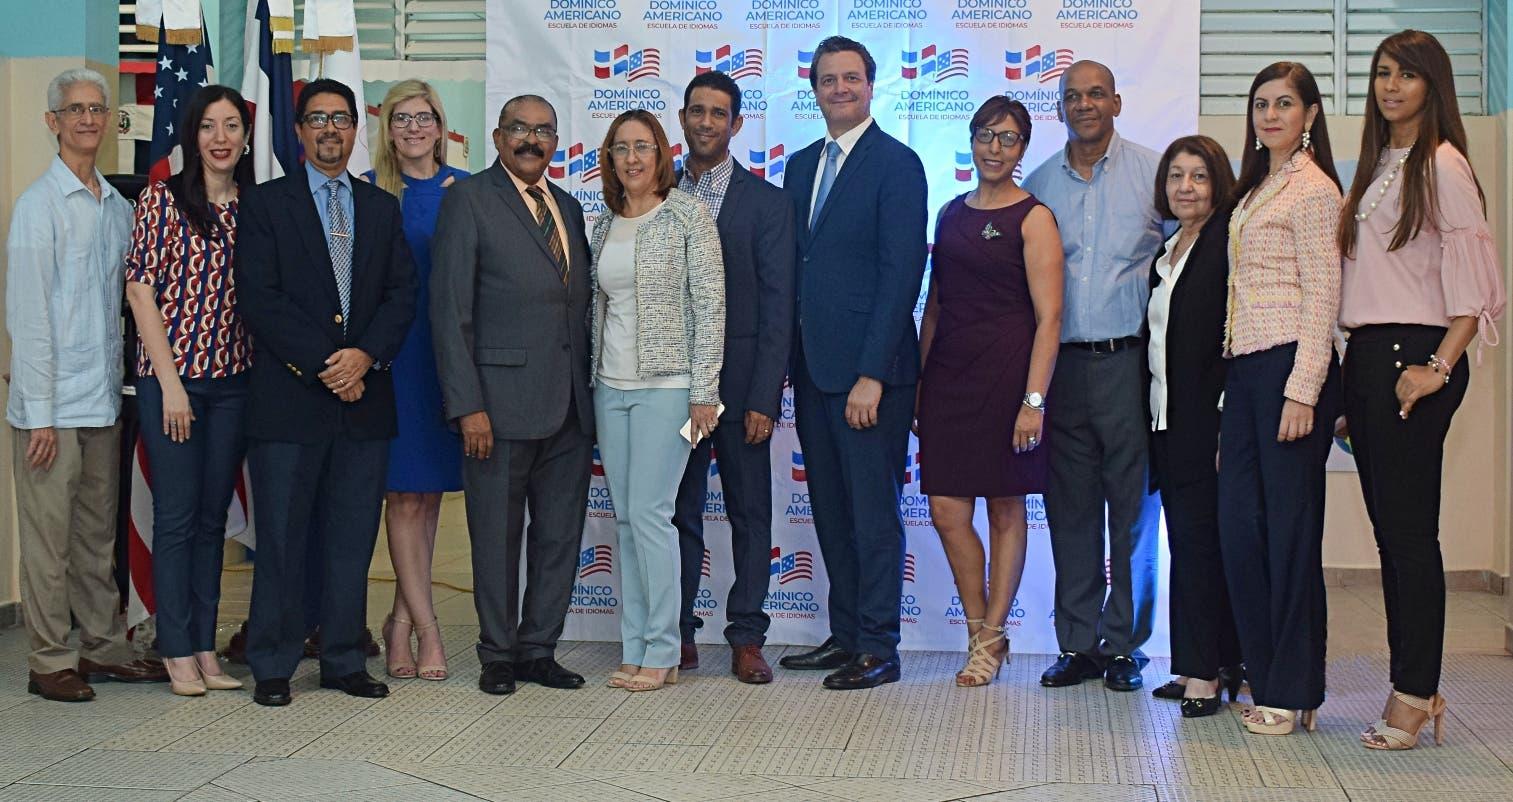 Instituto Domínico Americano abre un nuevo recinto